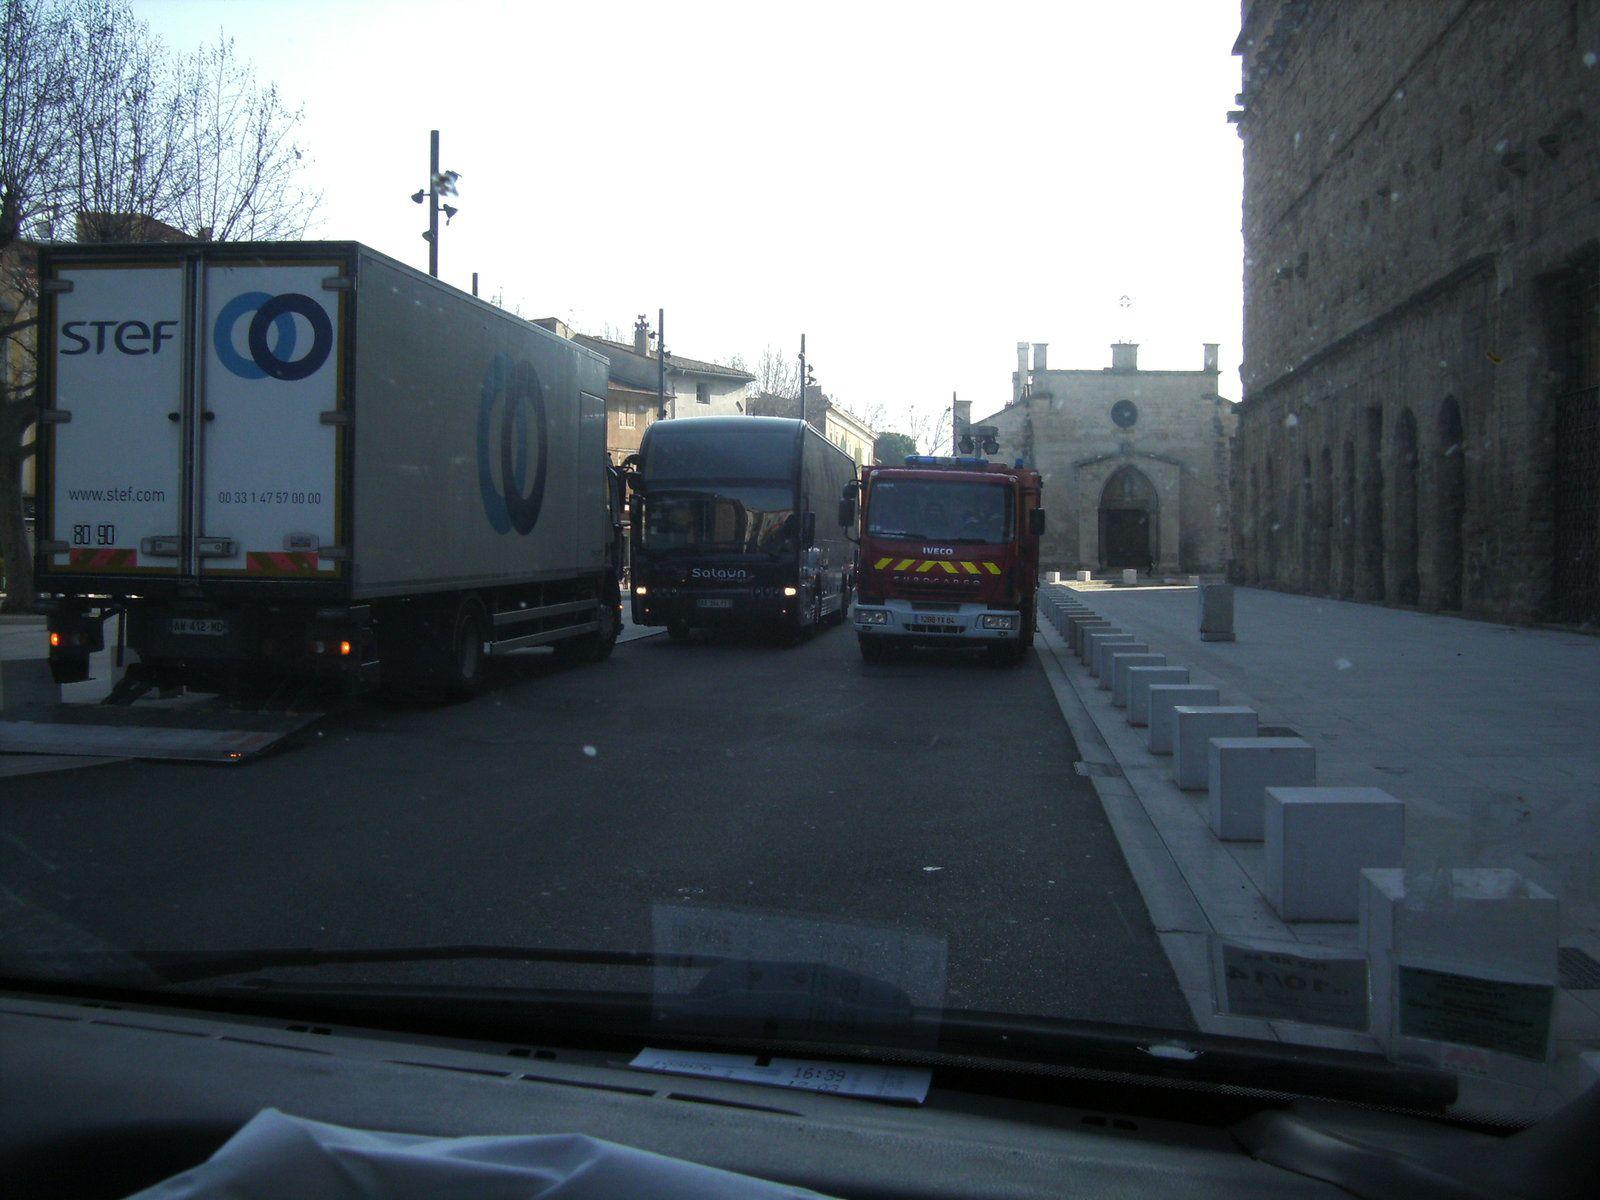 Un bus de touristes sur une place neuve un camion de livraison et on reste planté là devant le théatre antique bloqué par une circulation difficile